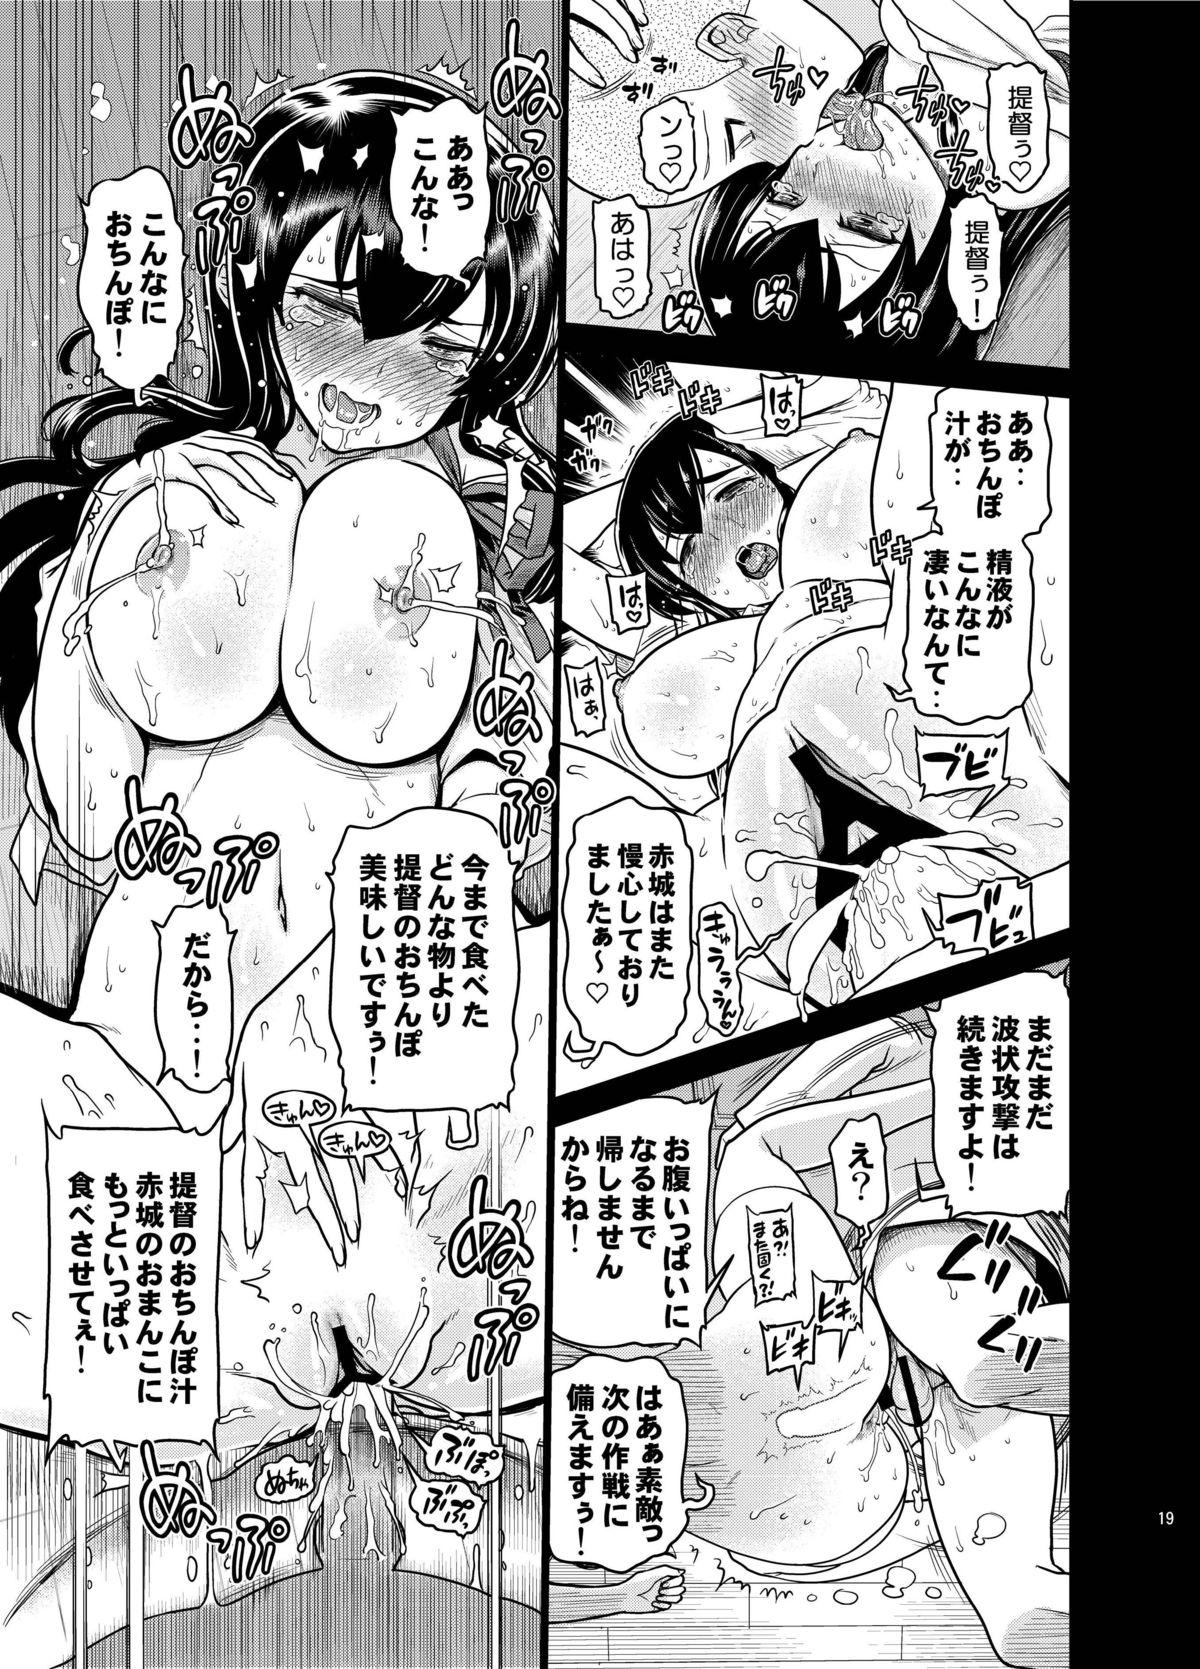 Oshiri no Ookii Akagi-san ni Oishiku Itadakaremashita 17